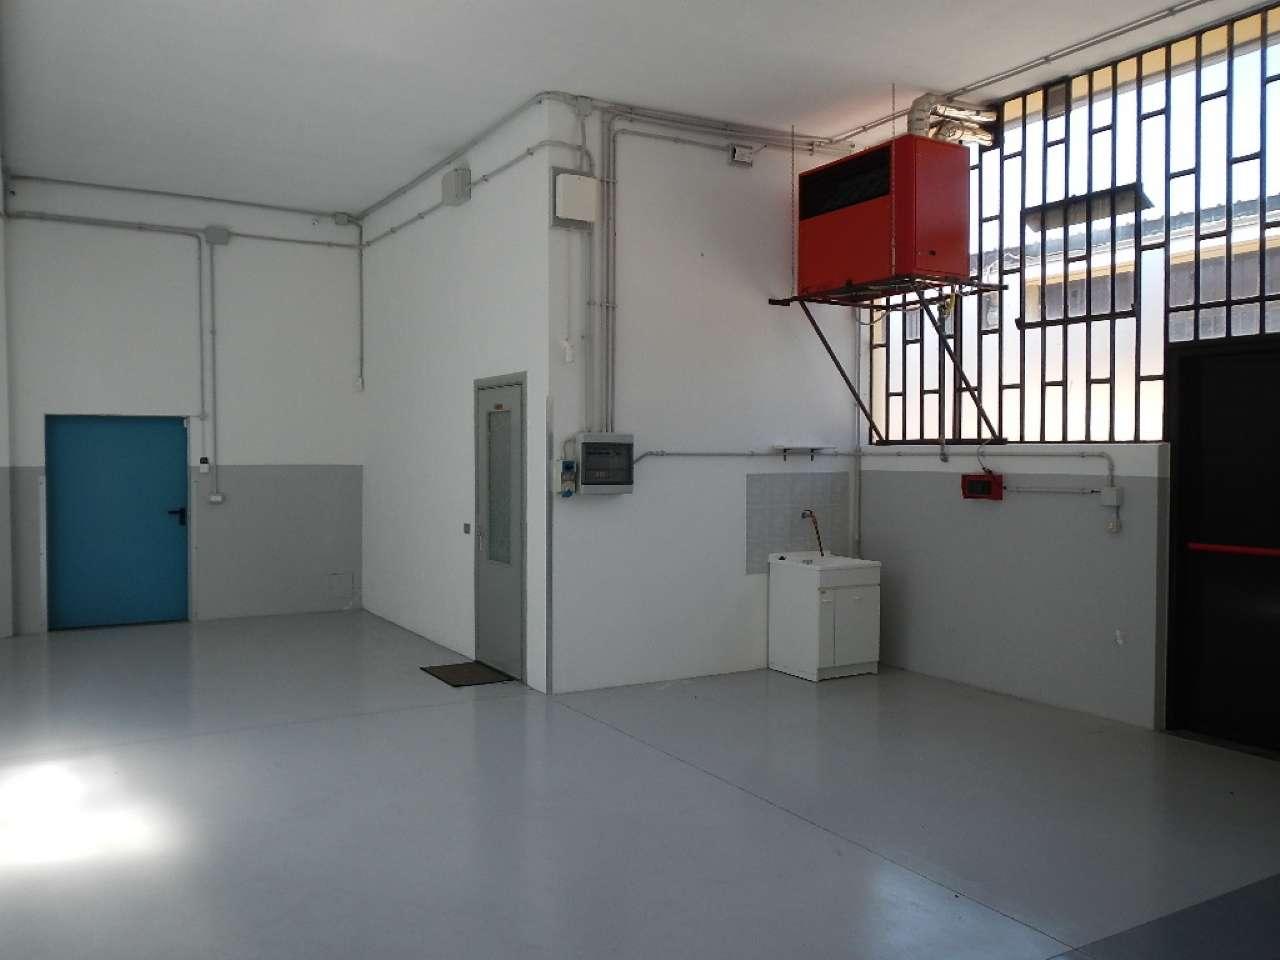 Laboratorio in affitto a Borgaro Torinese, 2 locali, prezzo € 990   CambioCasa.it